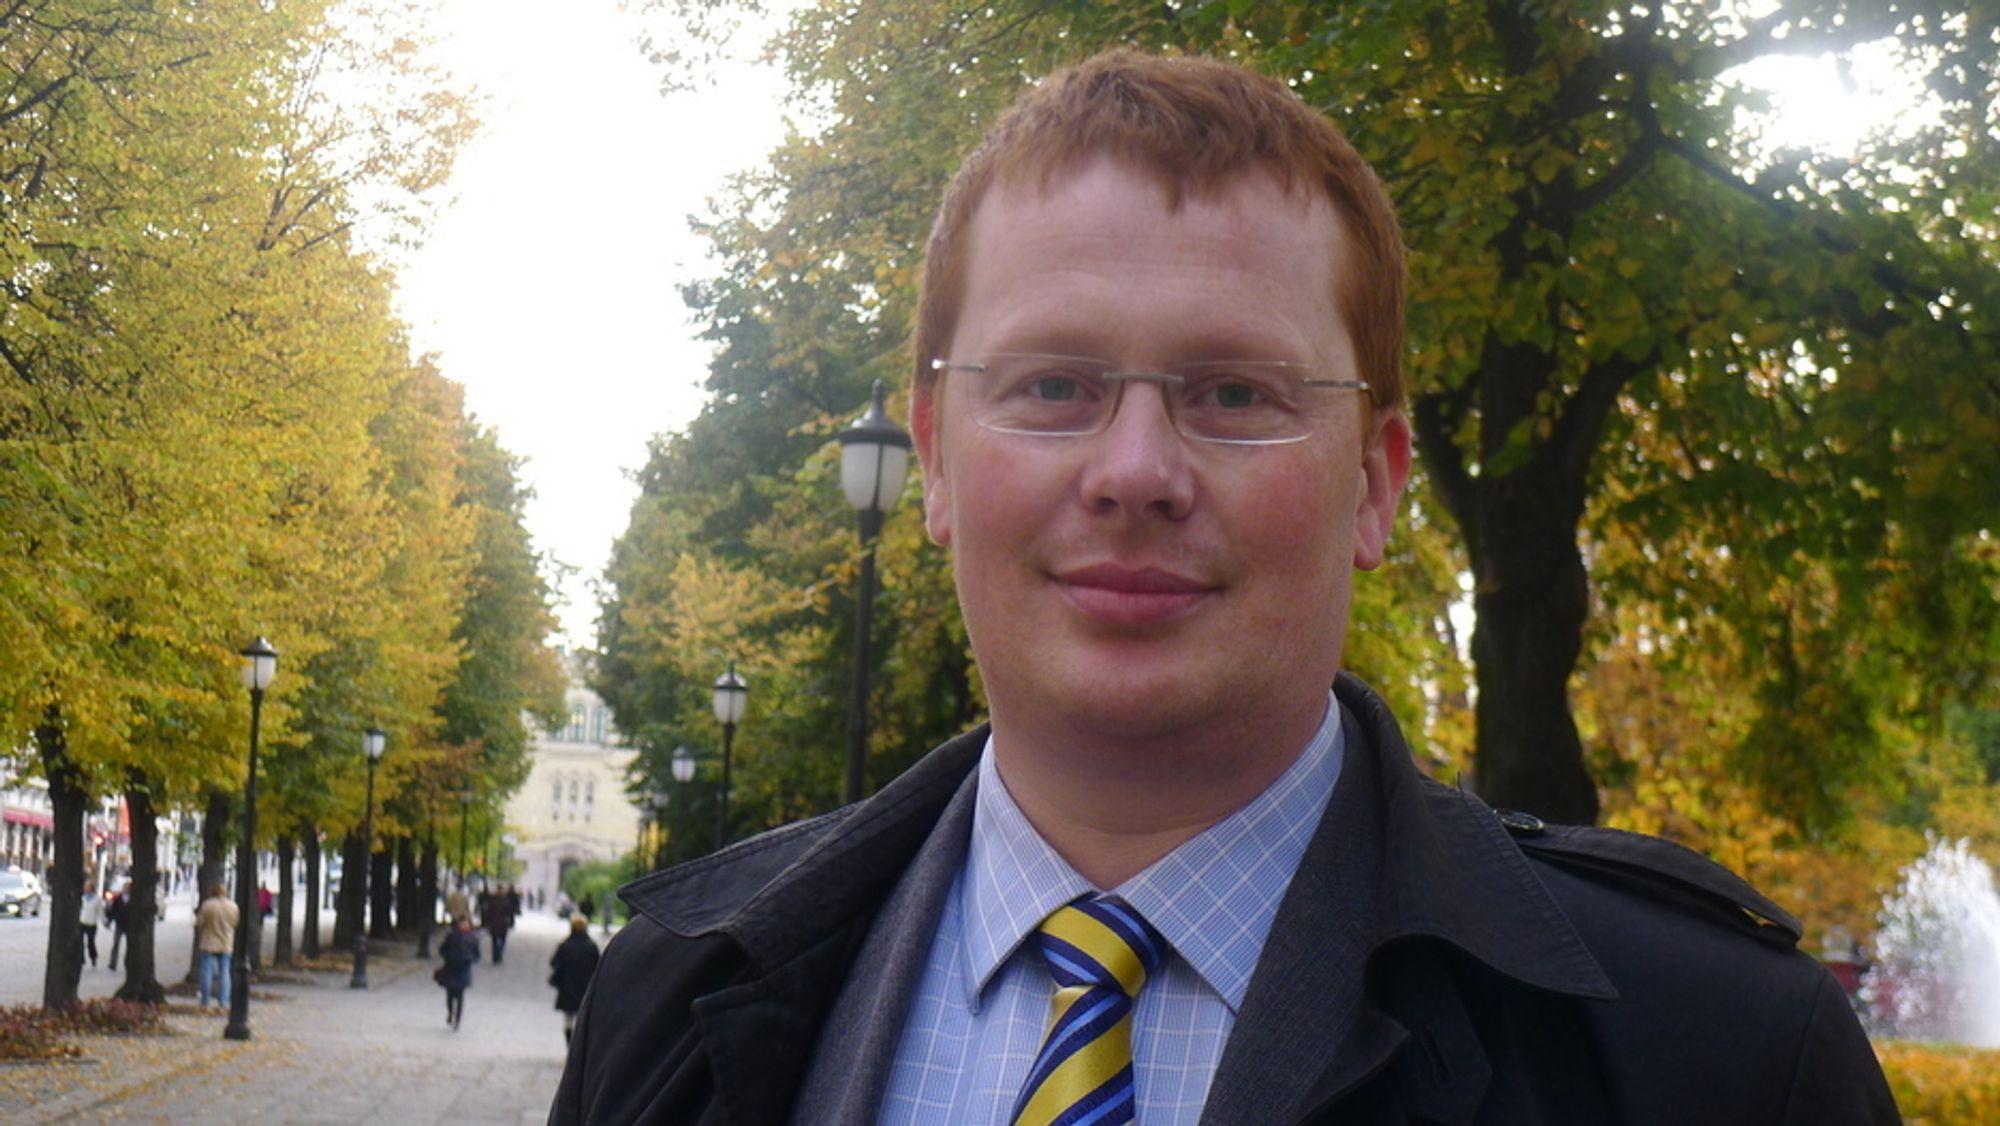 KRITISK: ¿ Vi forutsetter at lovens krav følges til enhver tid, sier leder for Småkraftforeningen, Håvard Glette.